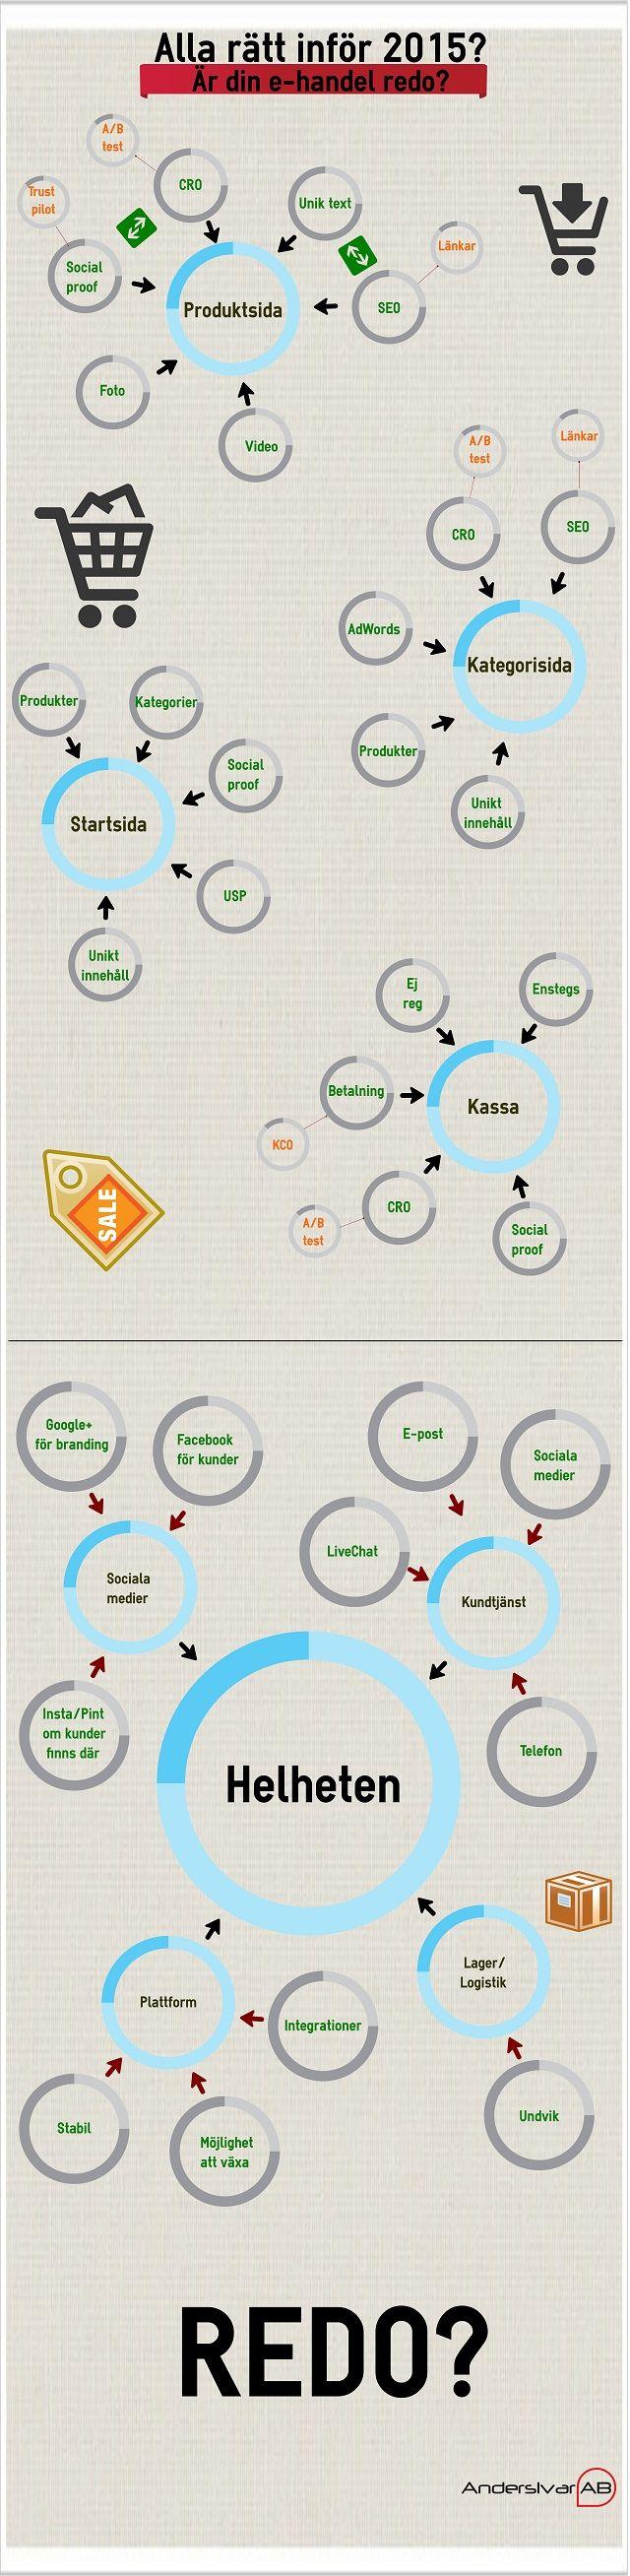 Infograf för att beskriva vikten av att optimera sin webbutik för både konvertering och SEO. #ehandel #cro #SEO